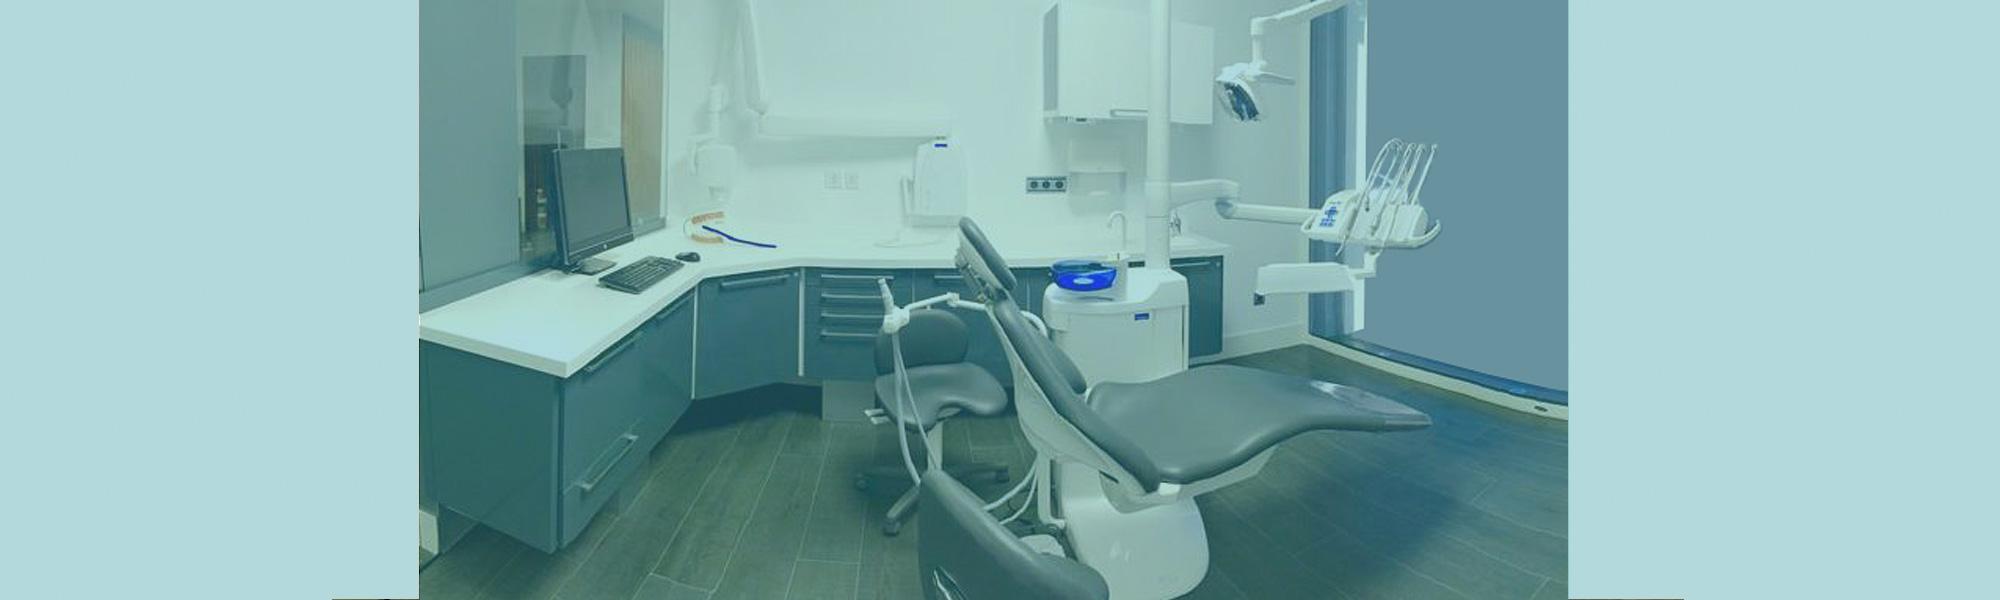 Líderes en fabricación de muebles dentales<br/>ergonómicos, de diseño y a medida